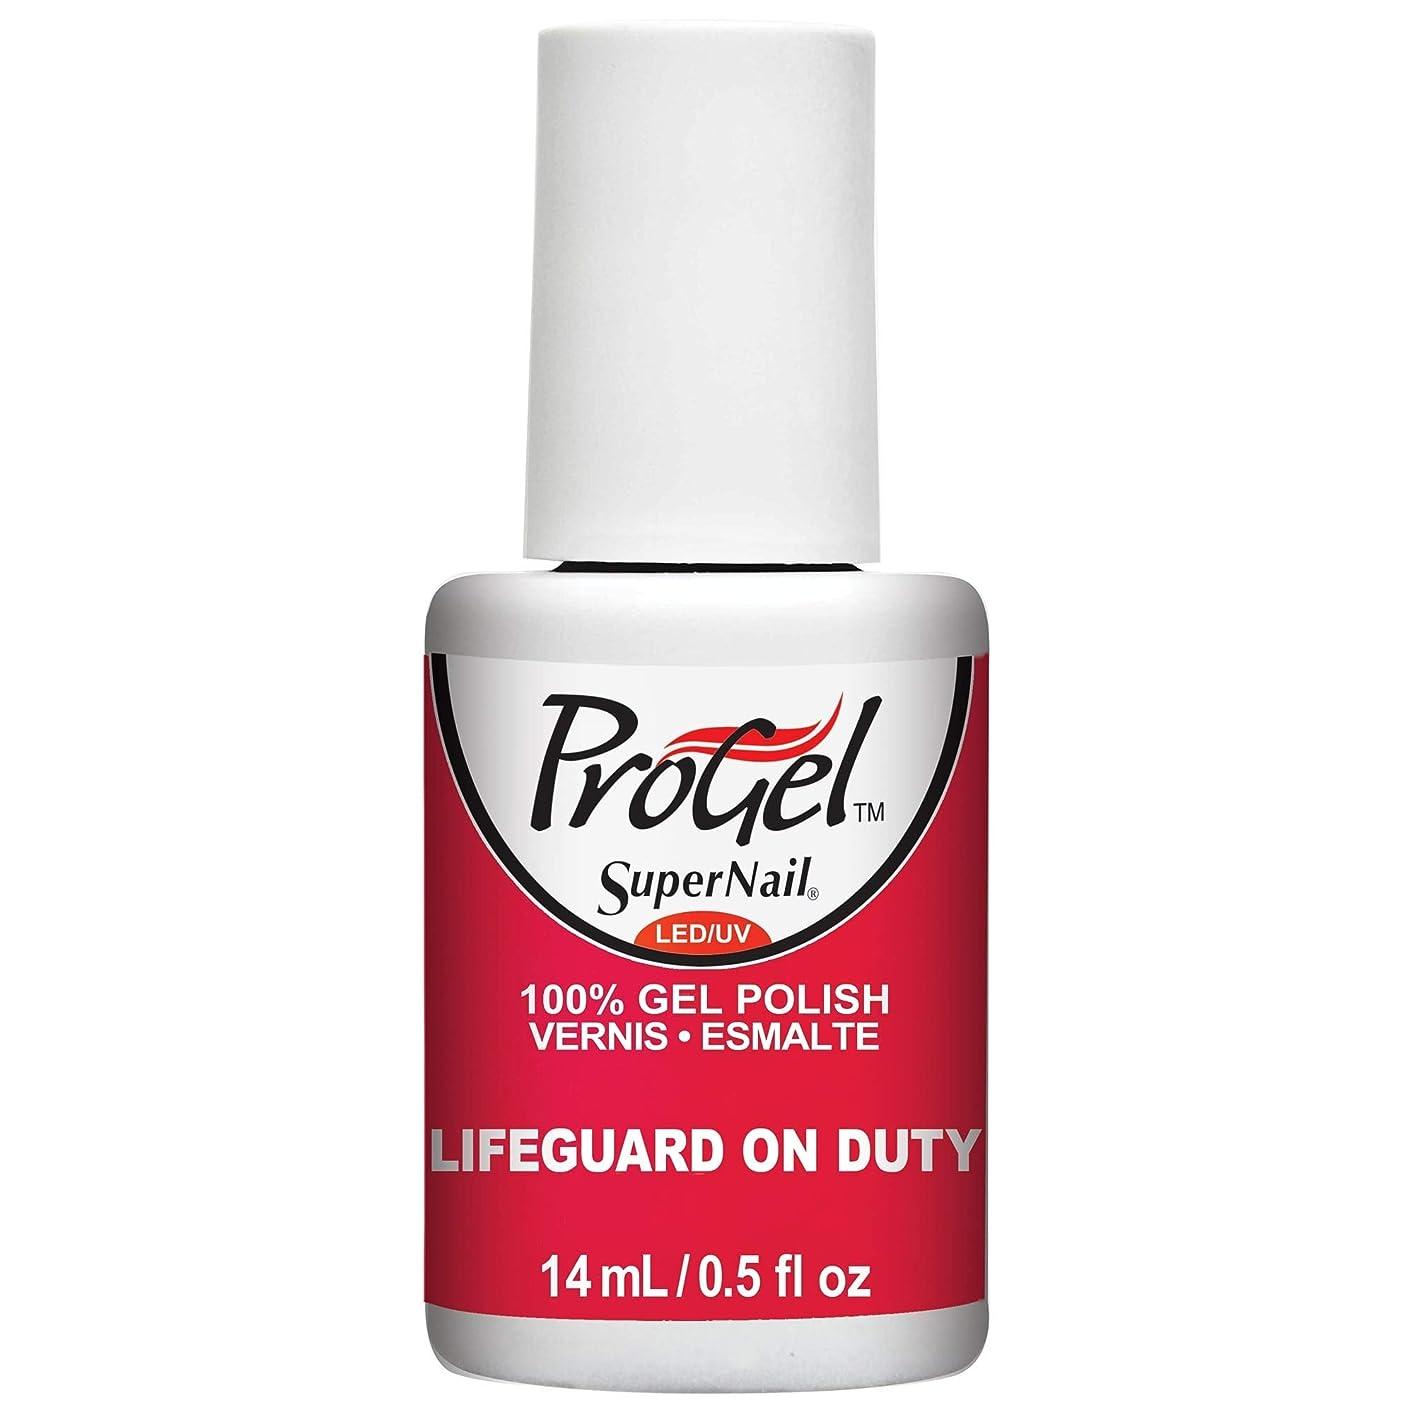 爬虫類入植者ラジエーターSuperNail ProGel Gel Polish - Lifeguard on Duty - 0.5oz / 14ml